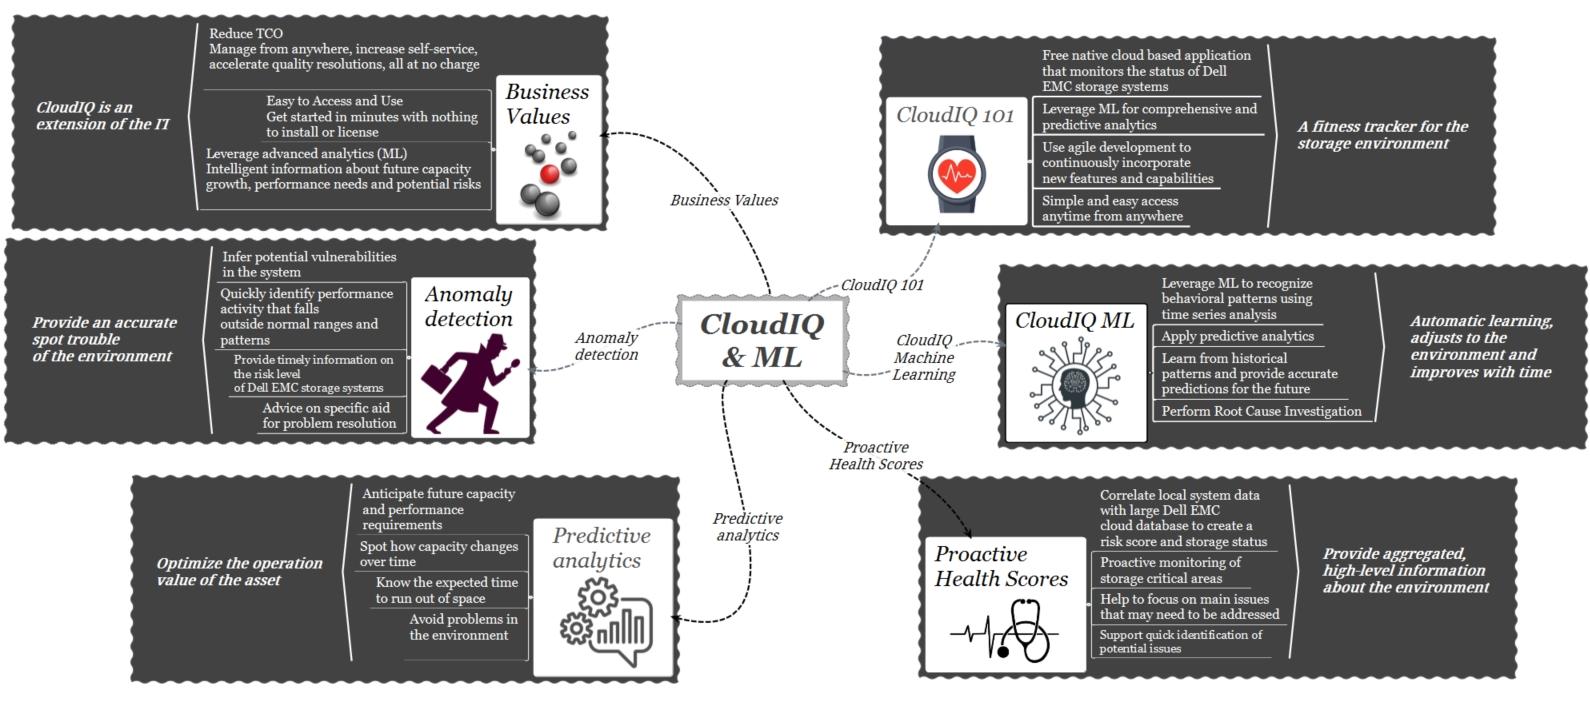 cloudIQ-machine learning-big picture